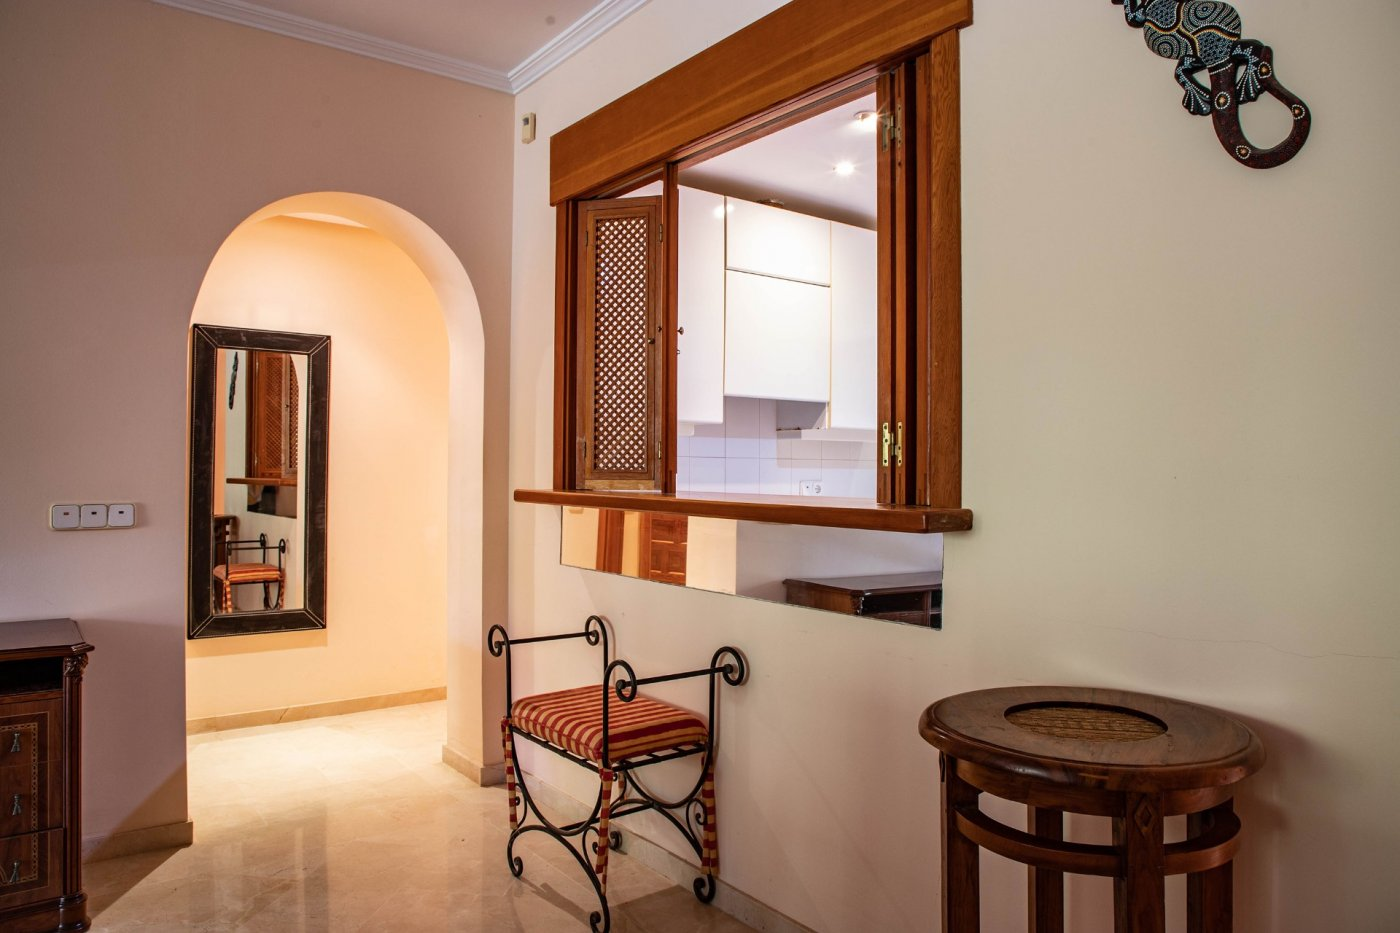 Precioso apartamento en santa ponsa - imagenInmueble20